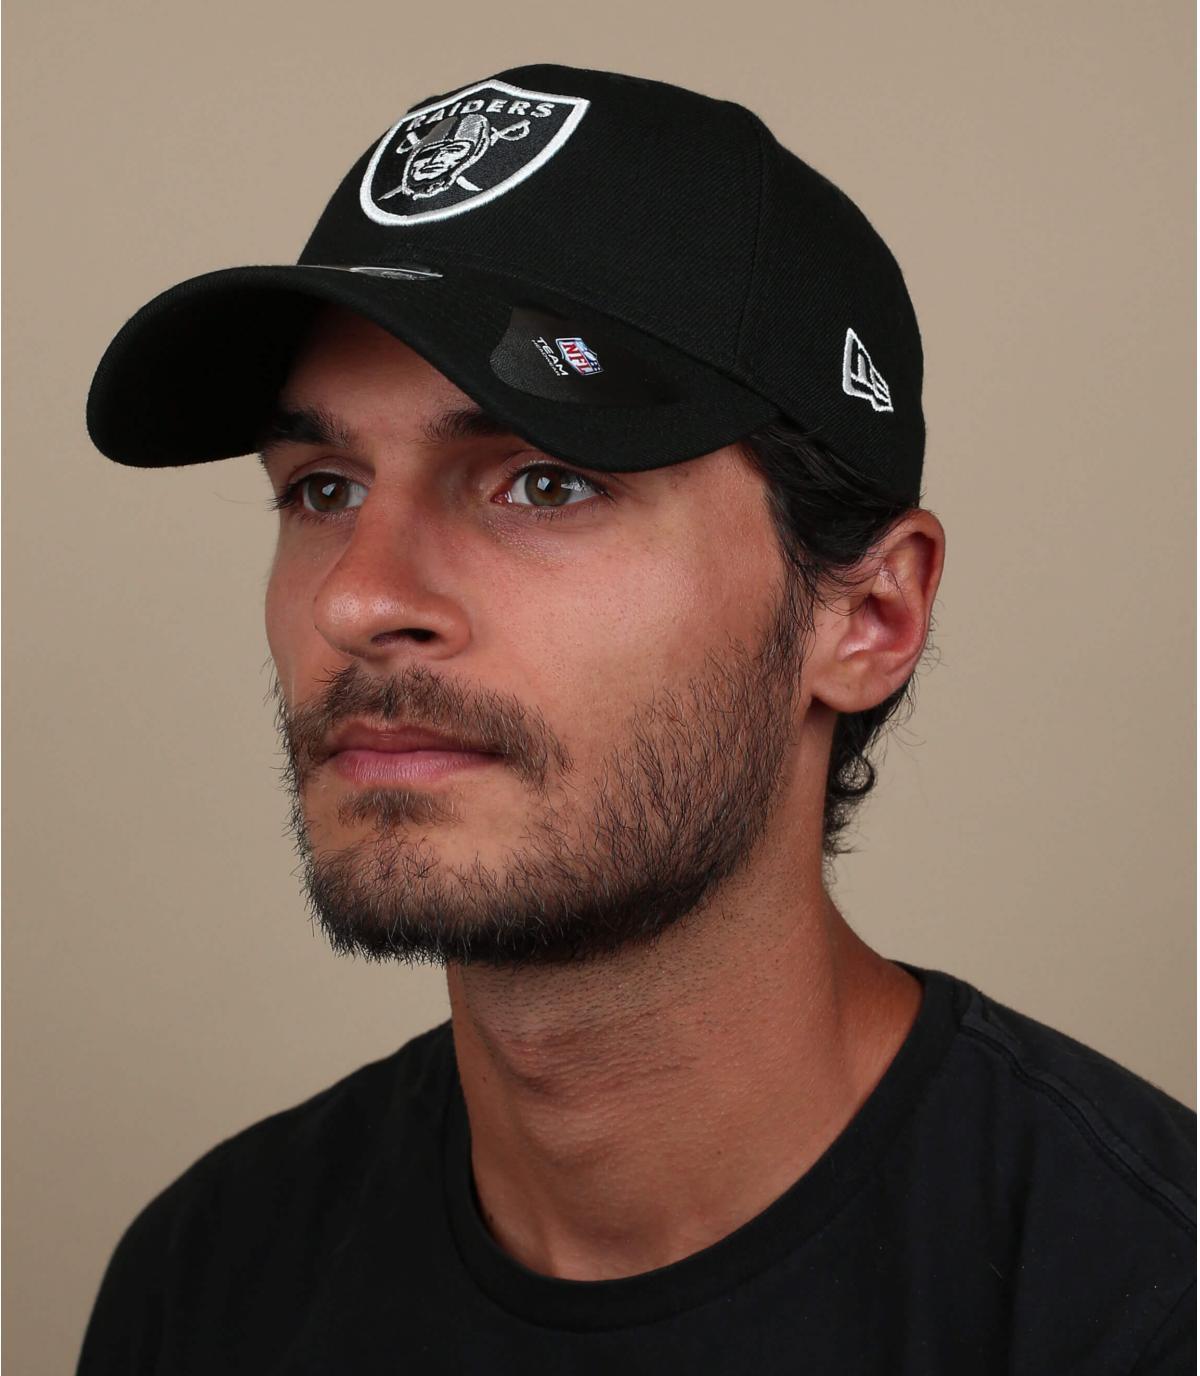 Raiders curve cap